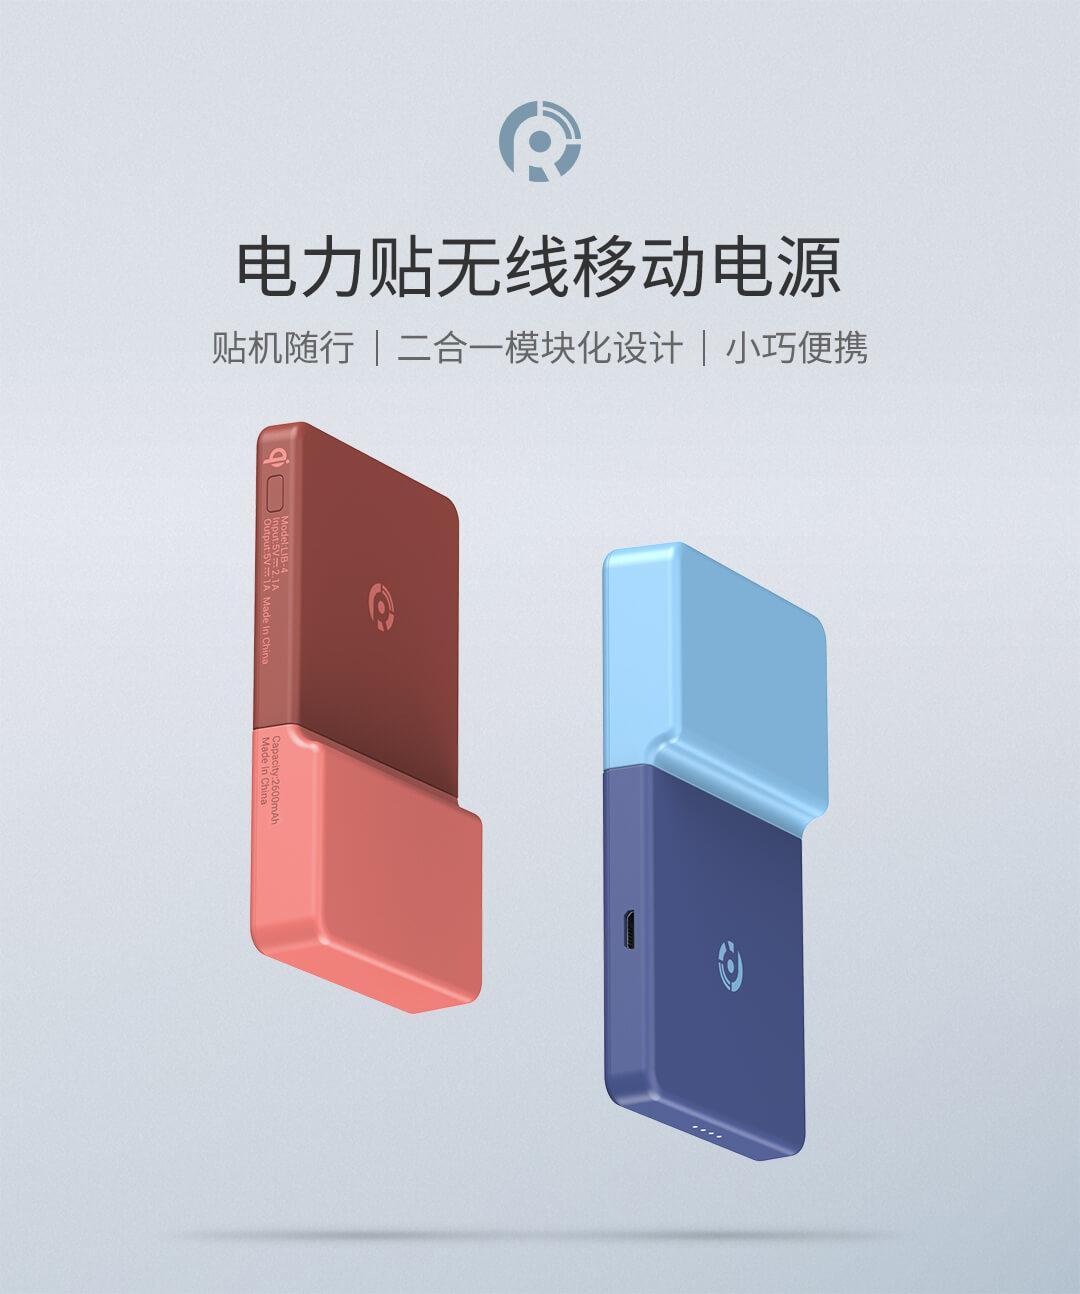 Xiaomi powerbank carga inalámbrica qi modular